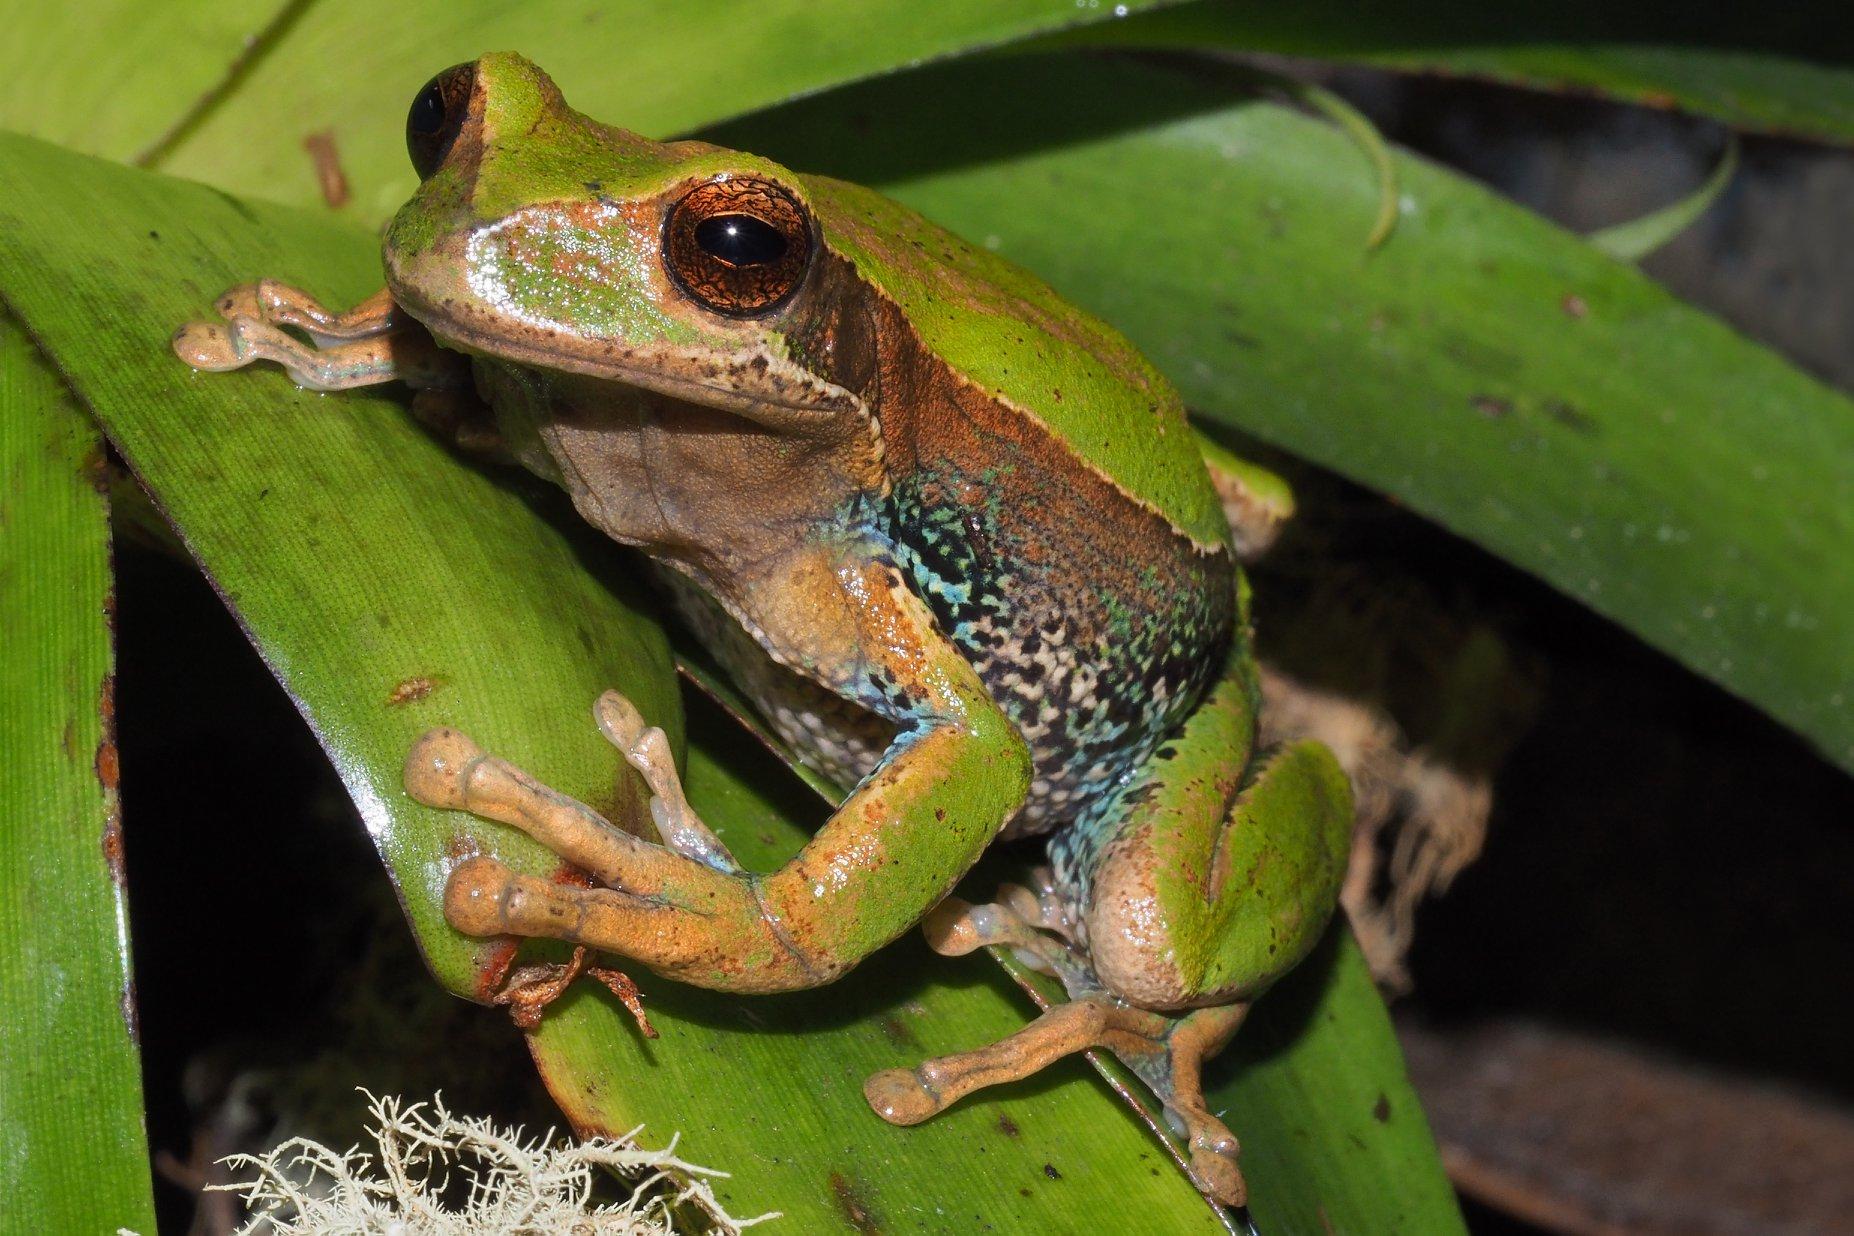 Zoo-Bioparque-Amaru-Cuenca-Cuenca será sede del encuentro sobre conservación de anfibios